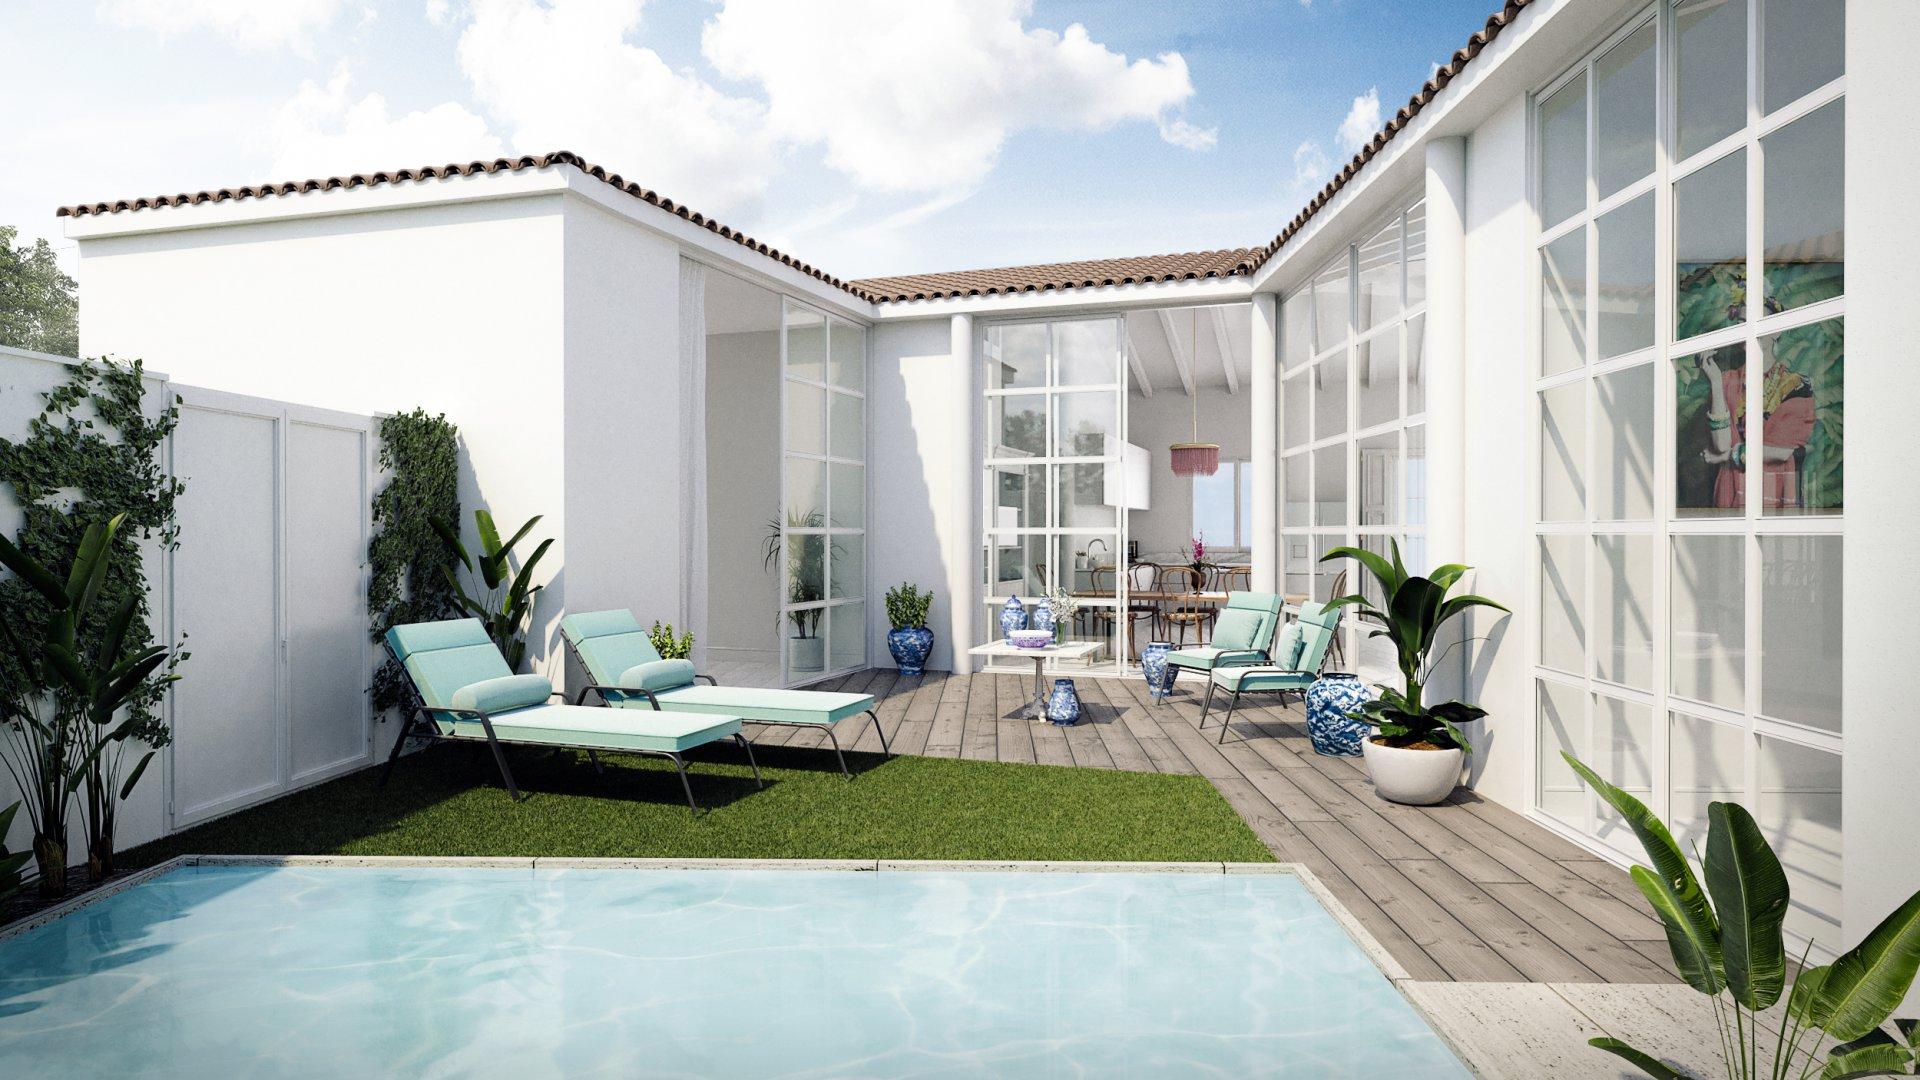 Anuncio venta casa palma de mallorca santa catalina 07001 - Casas en palma de mallorca ...